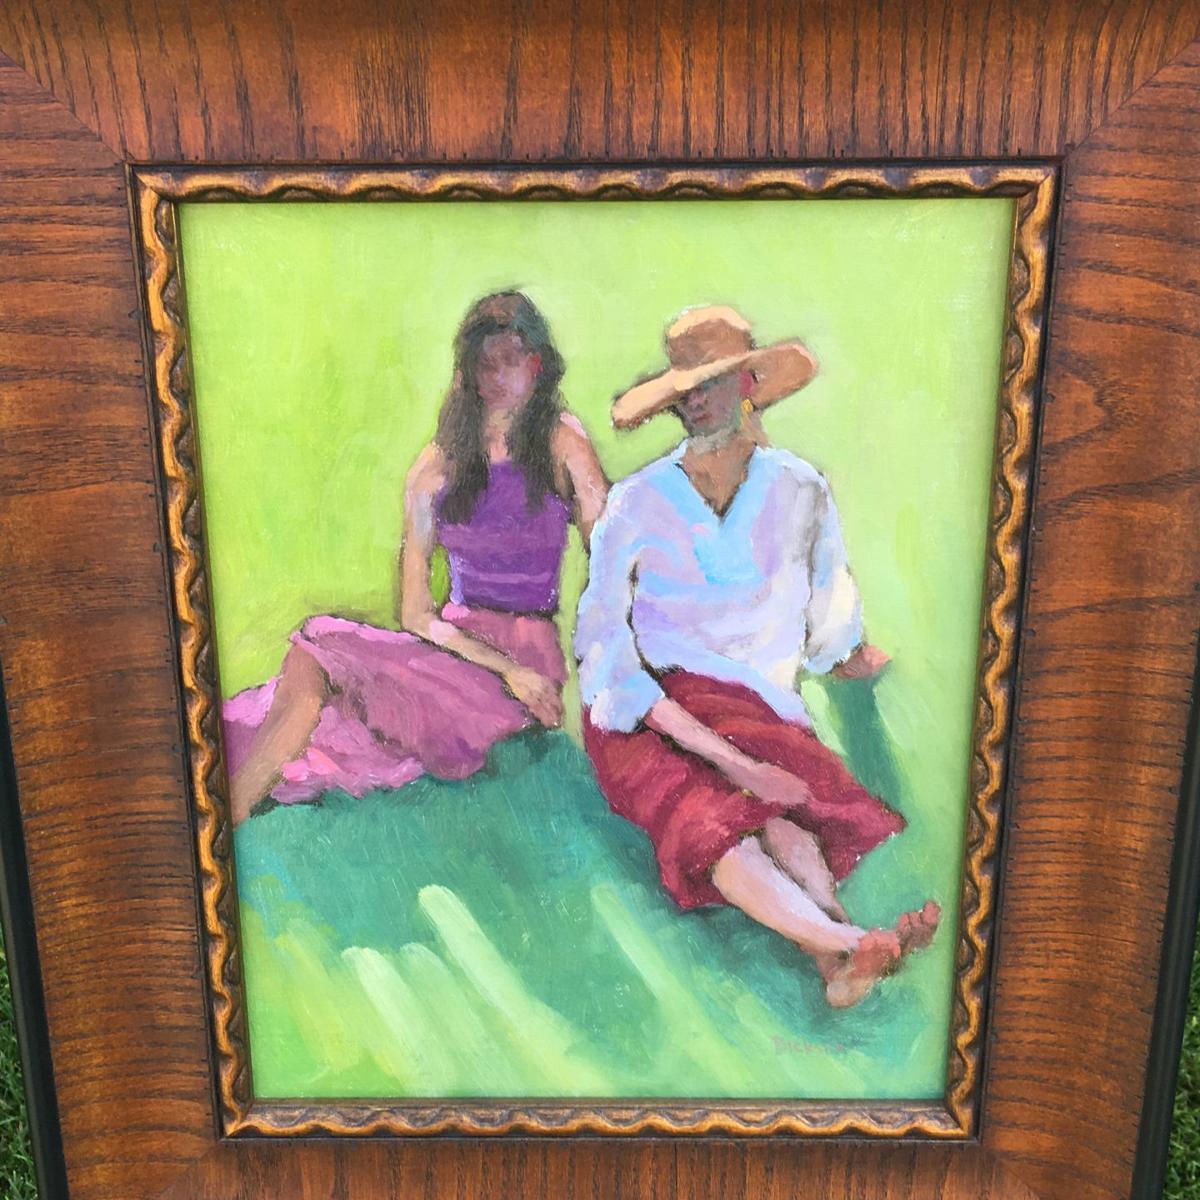 Winning painting by Jeff Dickson